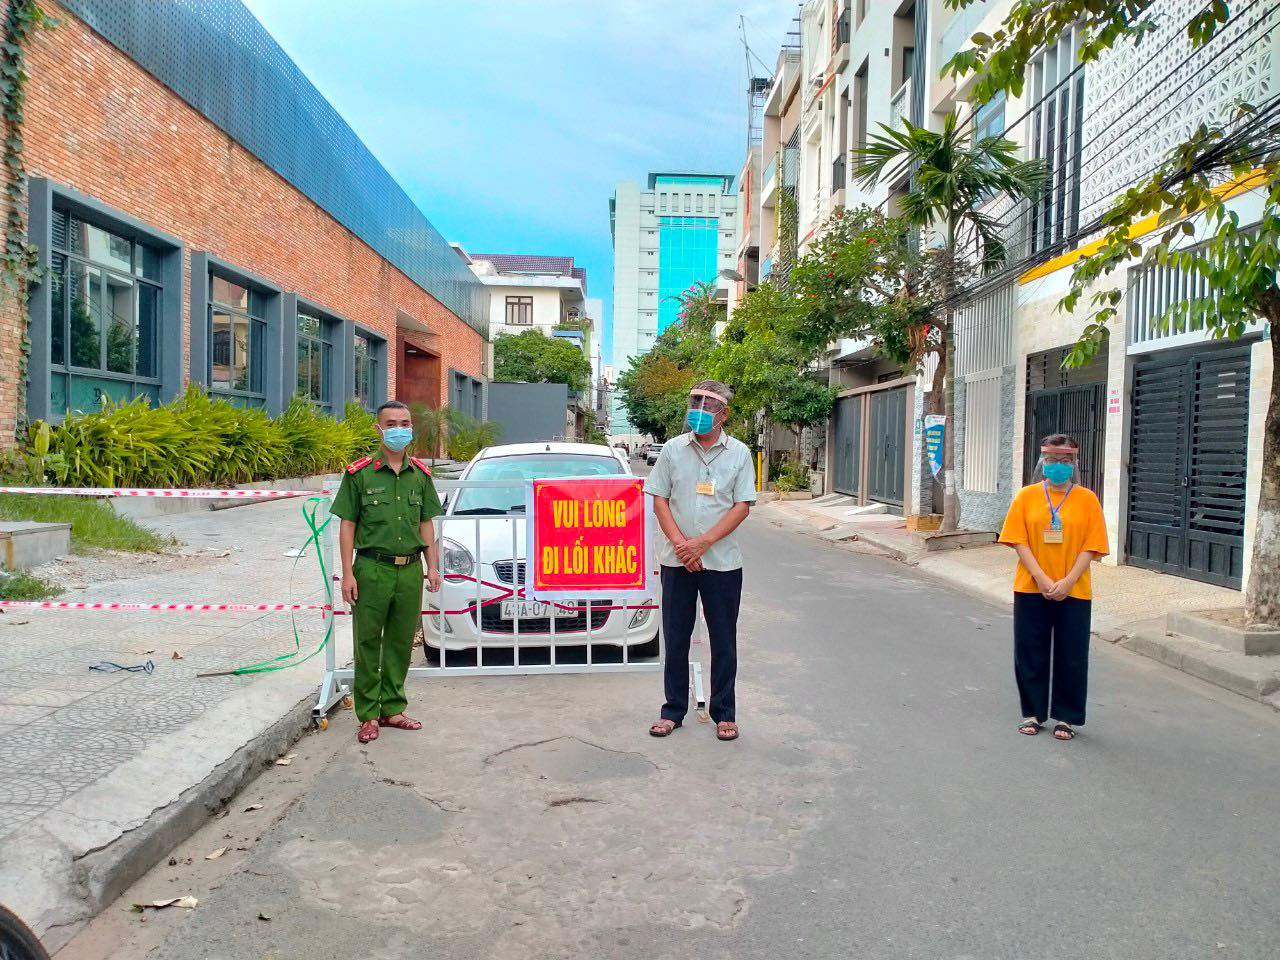 Thượng úy Lam cùng trưởng ban mặt trận, đoàn thanh niên trực chốt - Ảnh nhân vật cung cấp